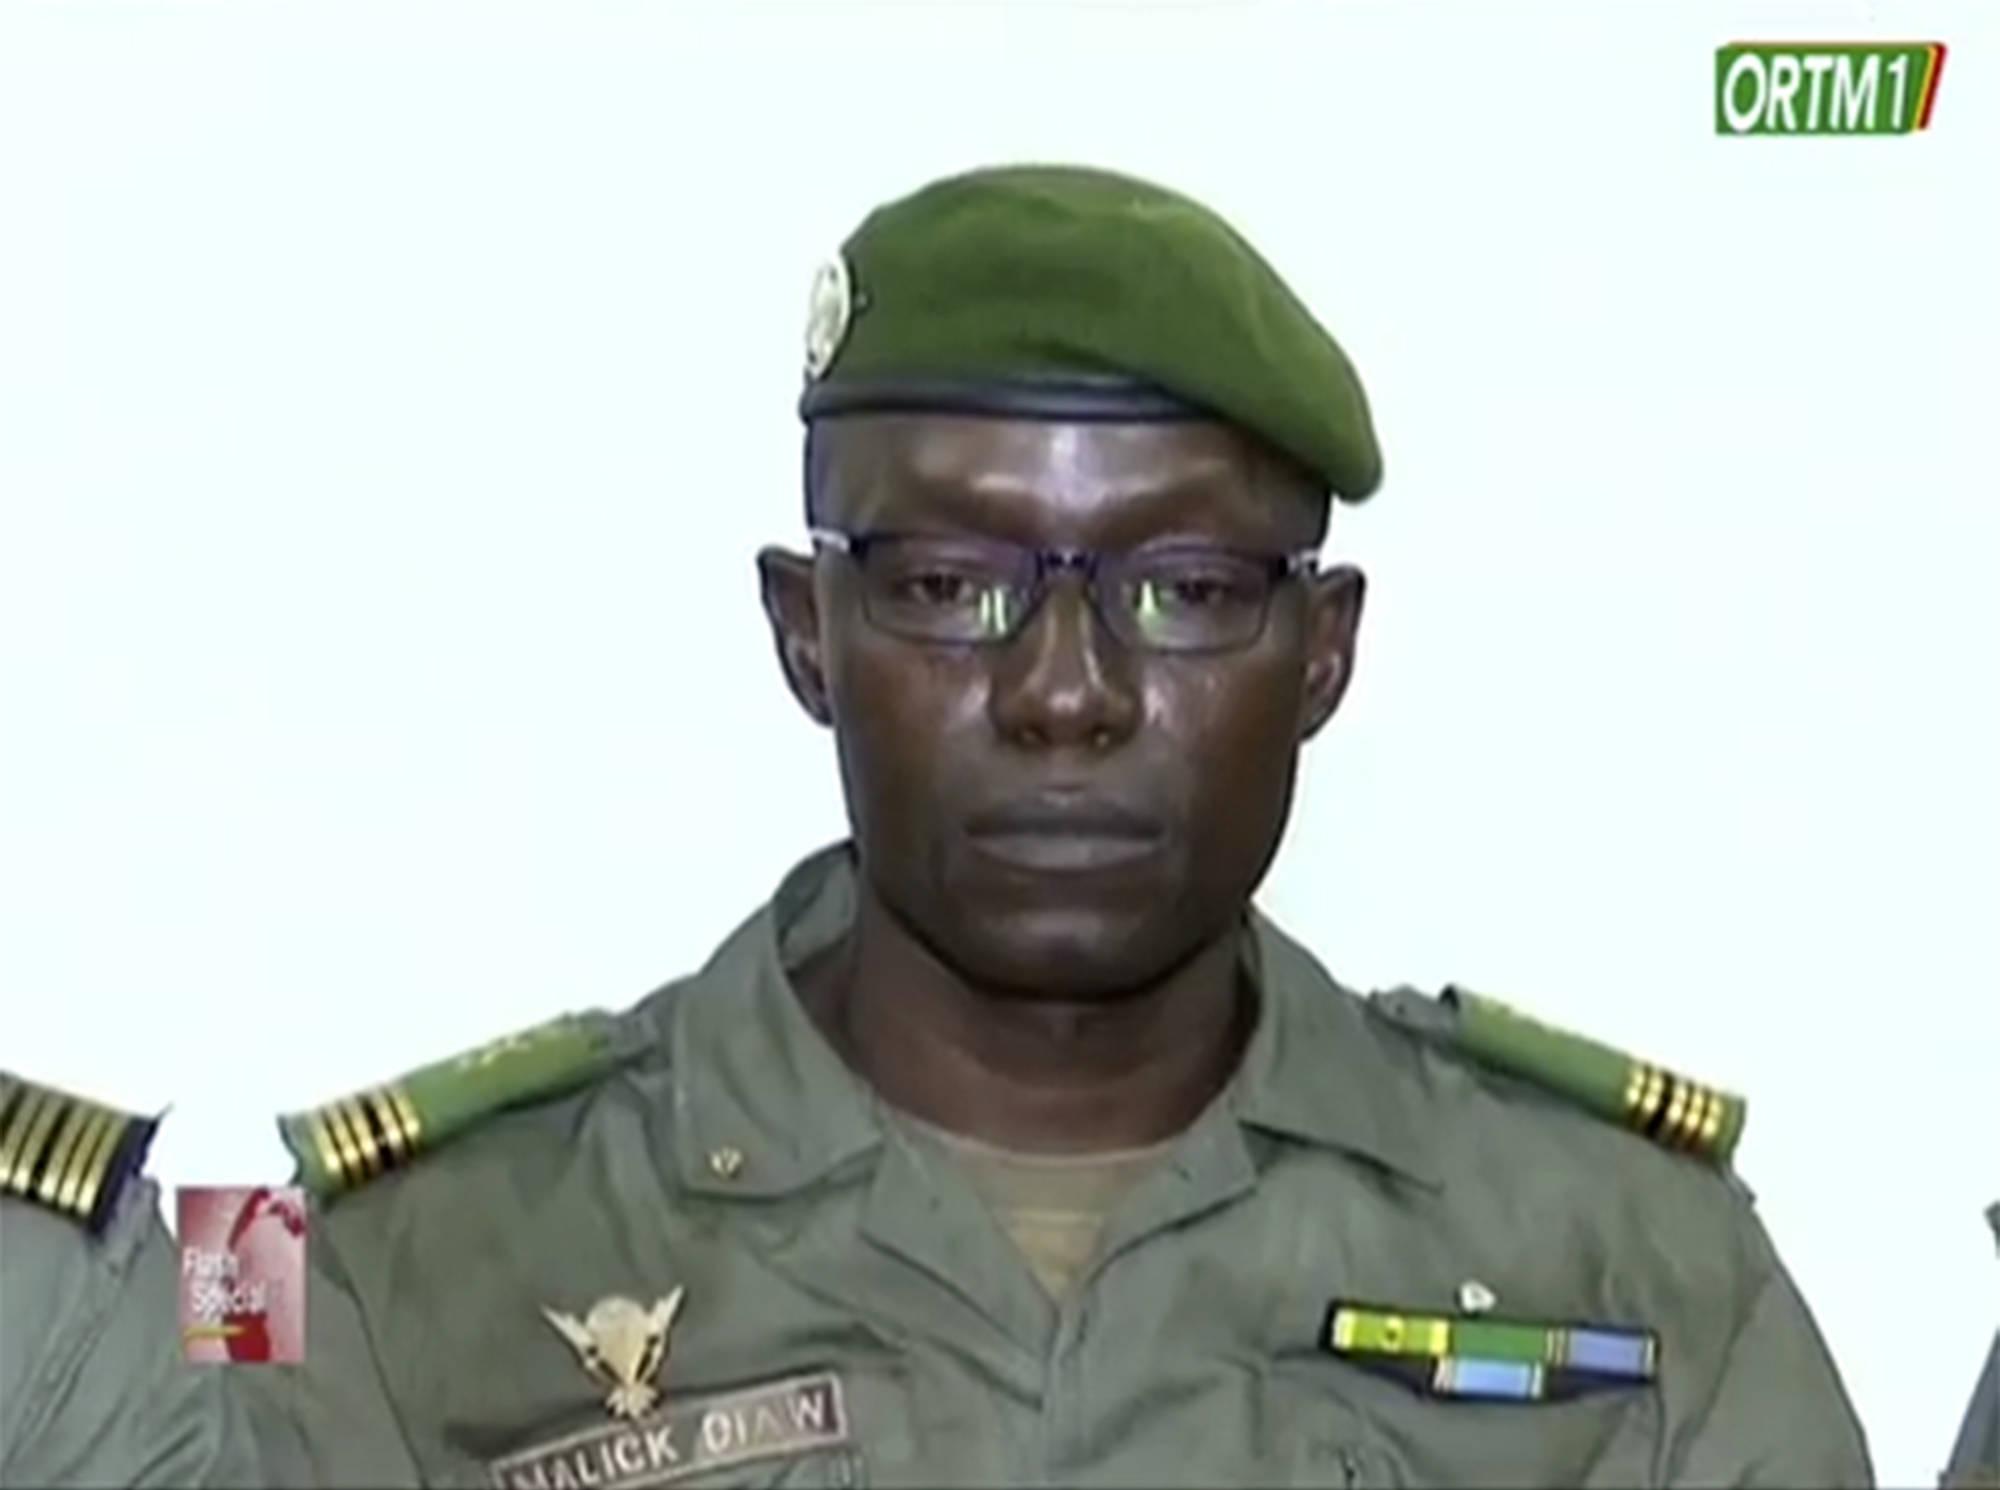 Le colonel Malick Diaw, lors de la première apparition télévisée des putschistes, le 19 août 2020 sur l'ORTM.